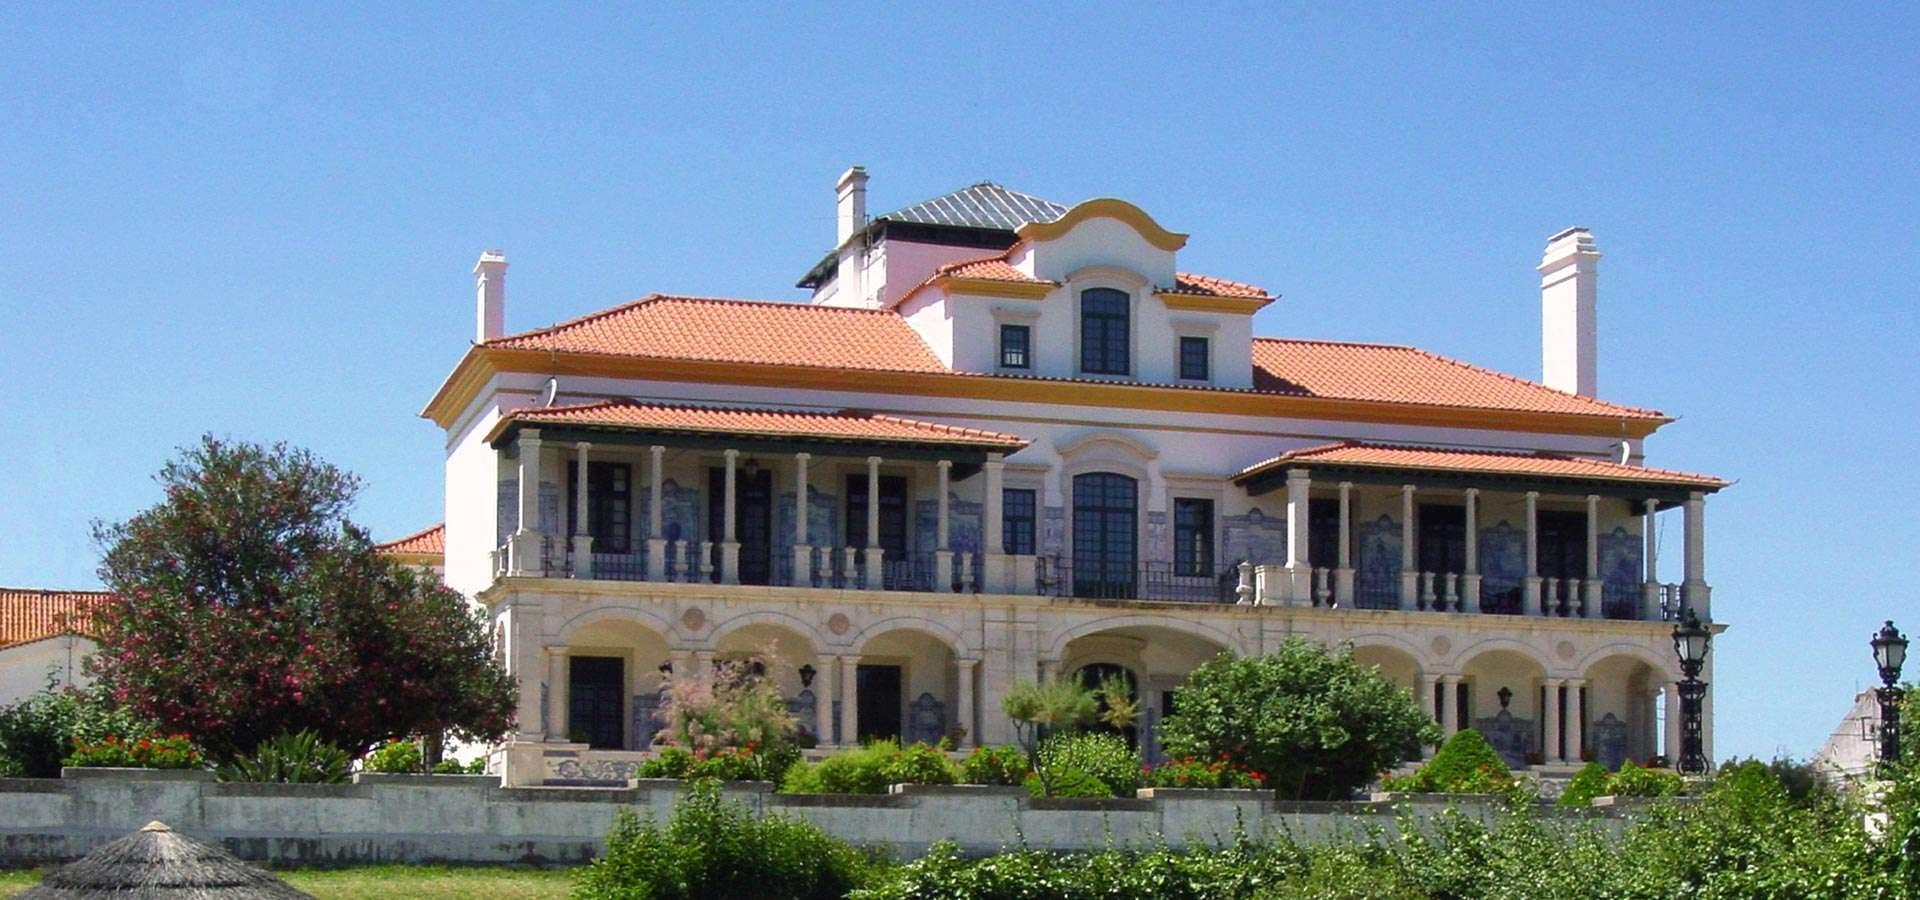 SEP Voyages en collaboration avec les Solares du Portugal, vous propose à travers un circuit de 15 jours de découvrir un pays d'une manière originale : son vin et son héritage architectural.